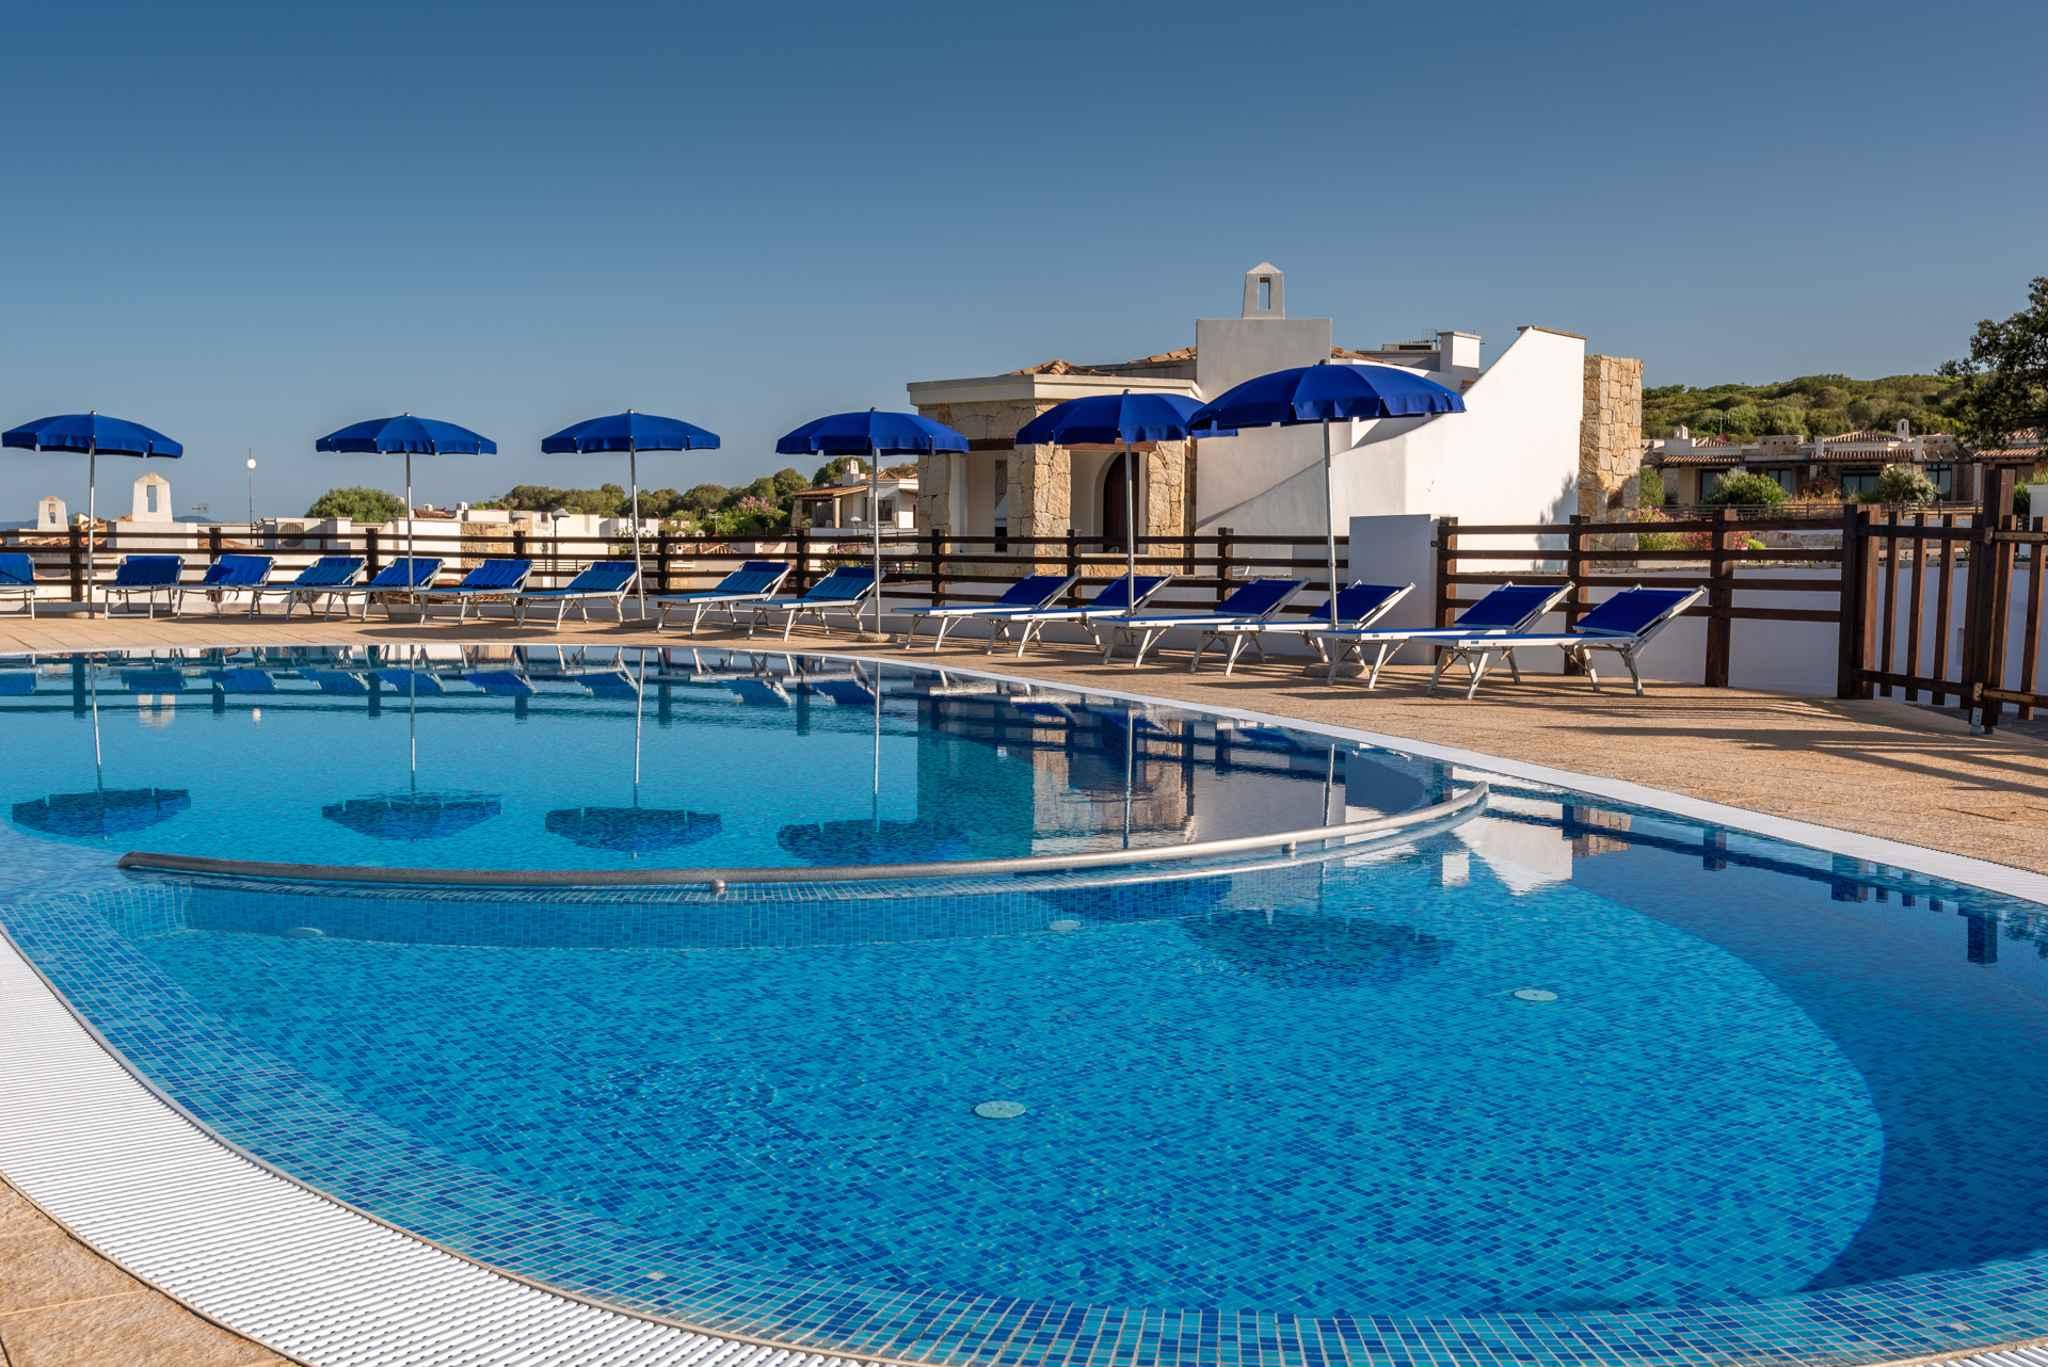 Ferienhaus mit KLimaanlage (2182423), Alghero, Sassari, Sardinien, Italien, Bild 6